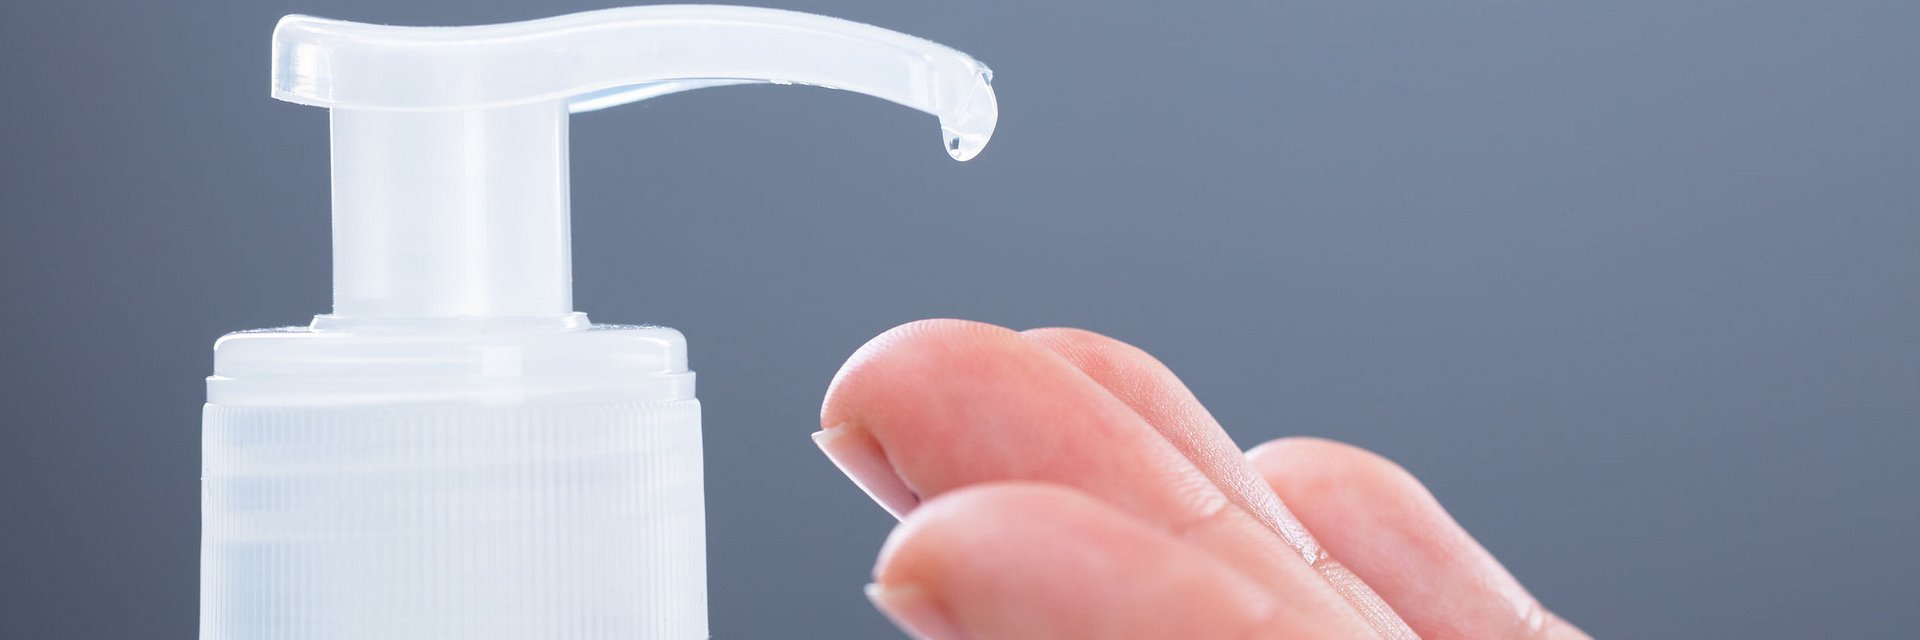 Zielone światło dla środków dezynfekujących na bazie spirytusu konsumpcyjnego 95 procent